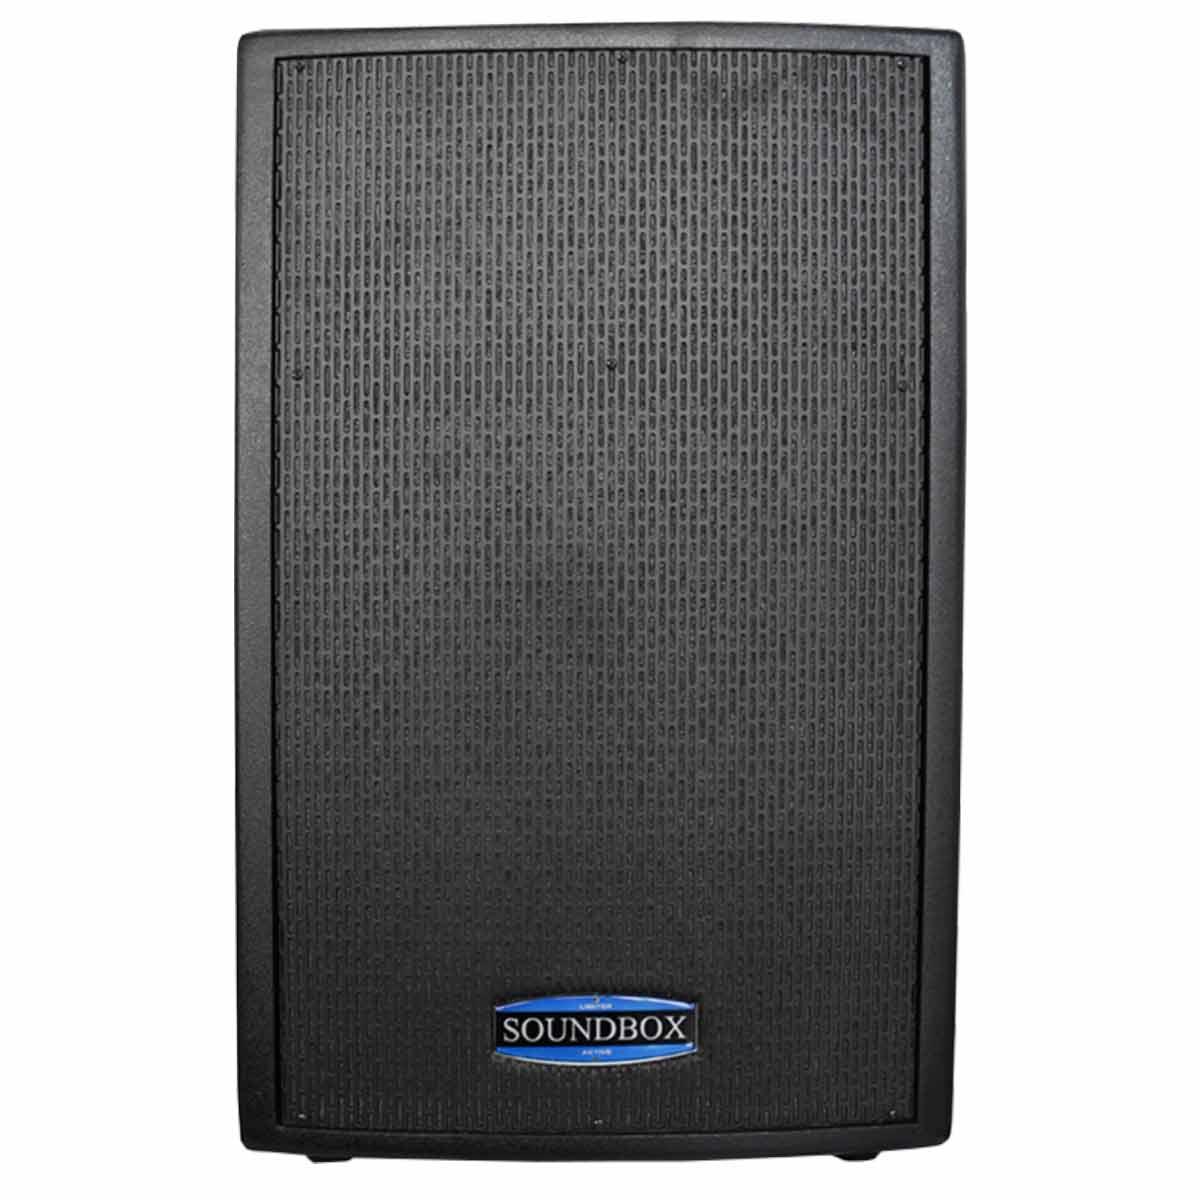 Caixa Acústica Soundbox Passiva 250 W Rms Ms15